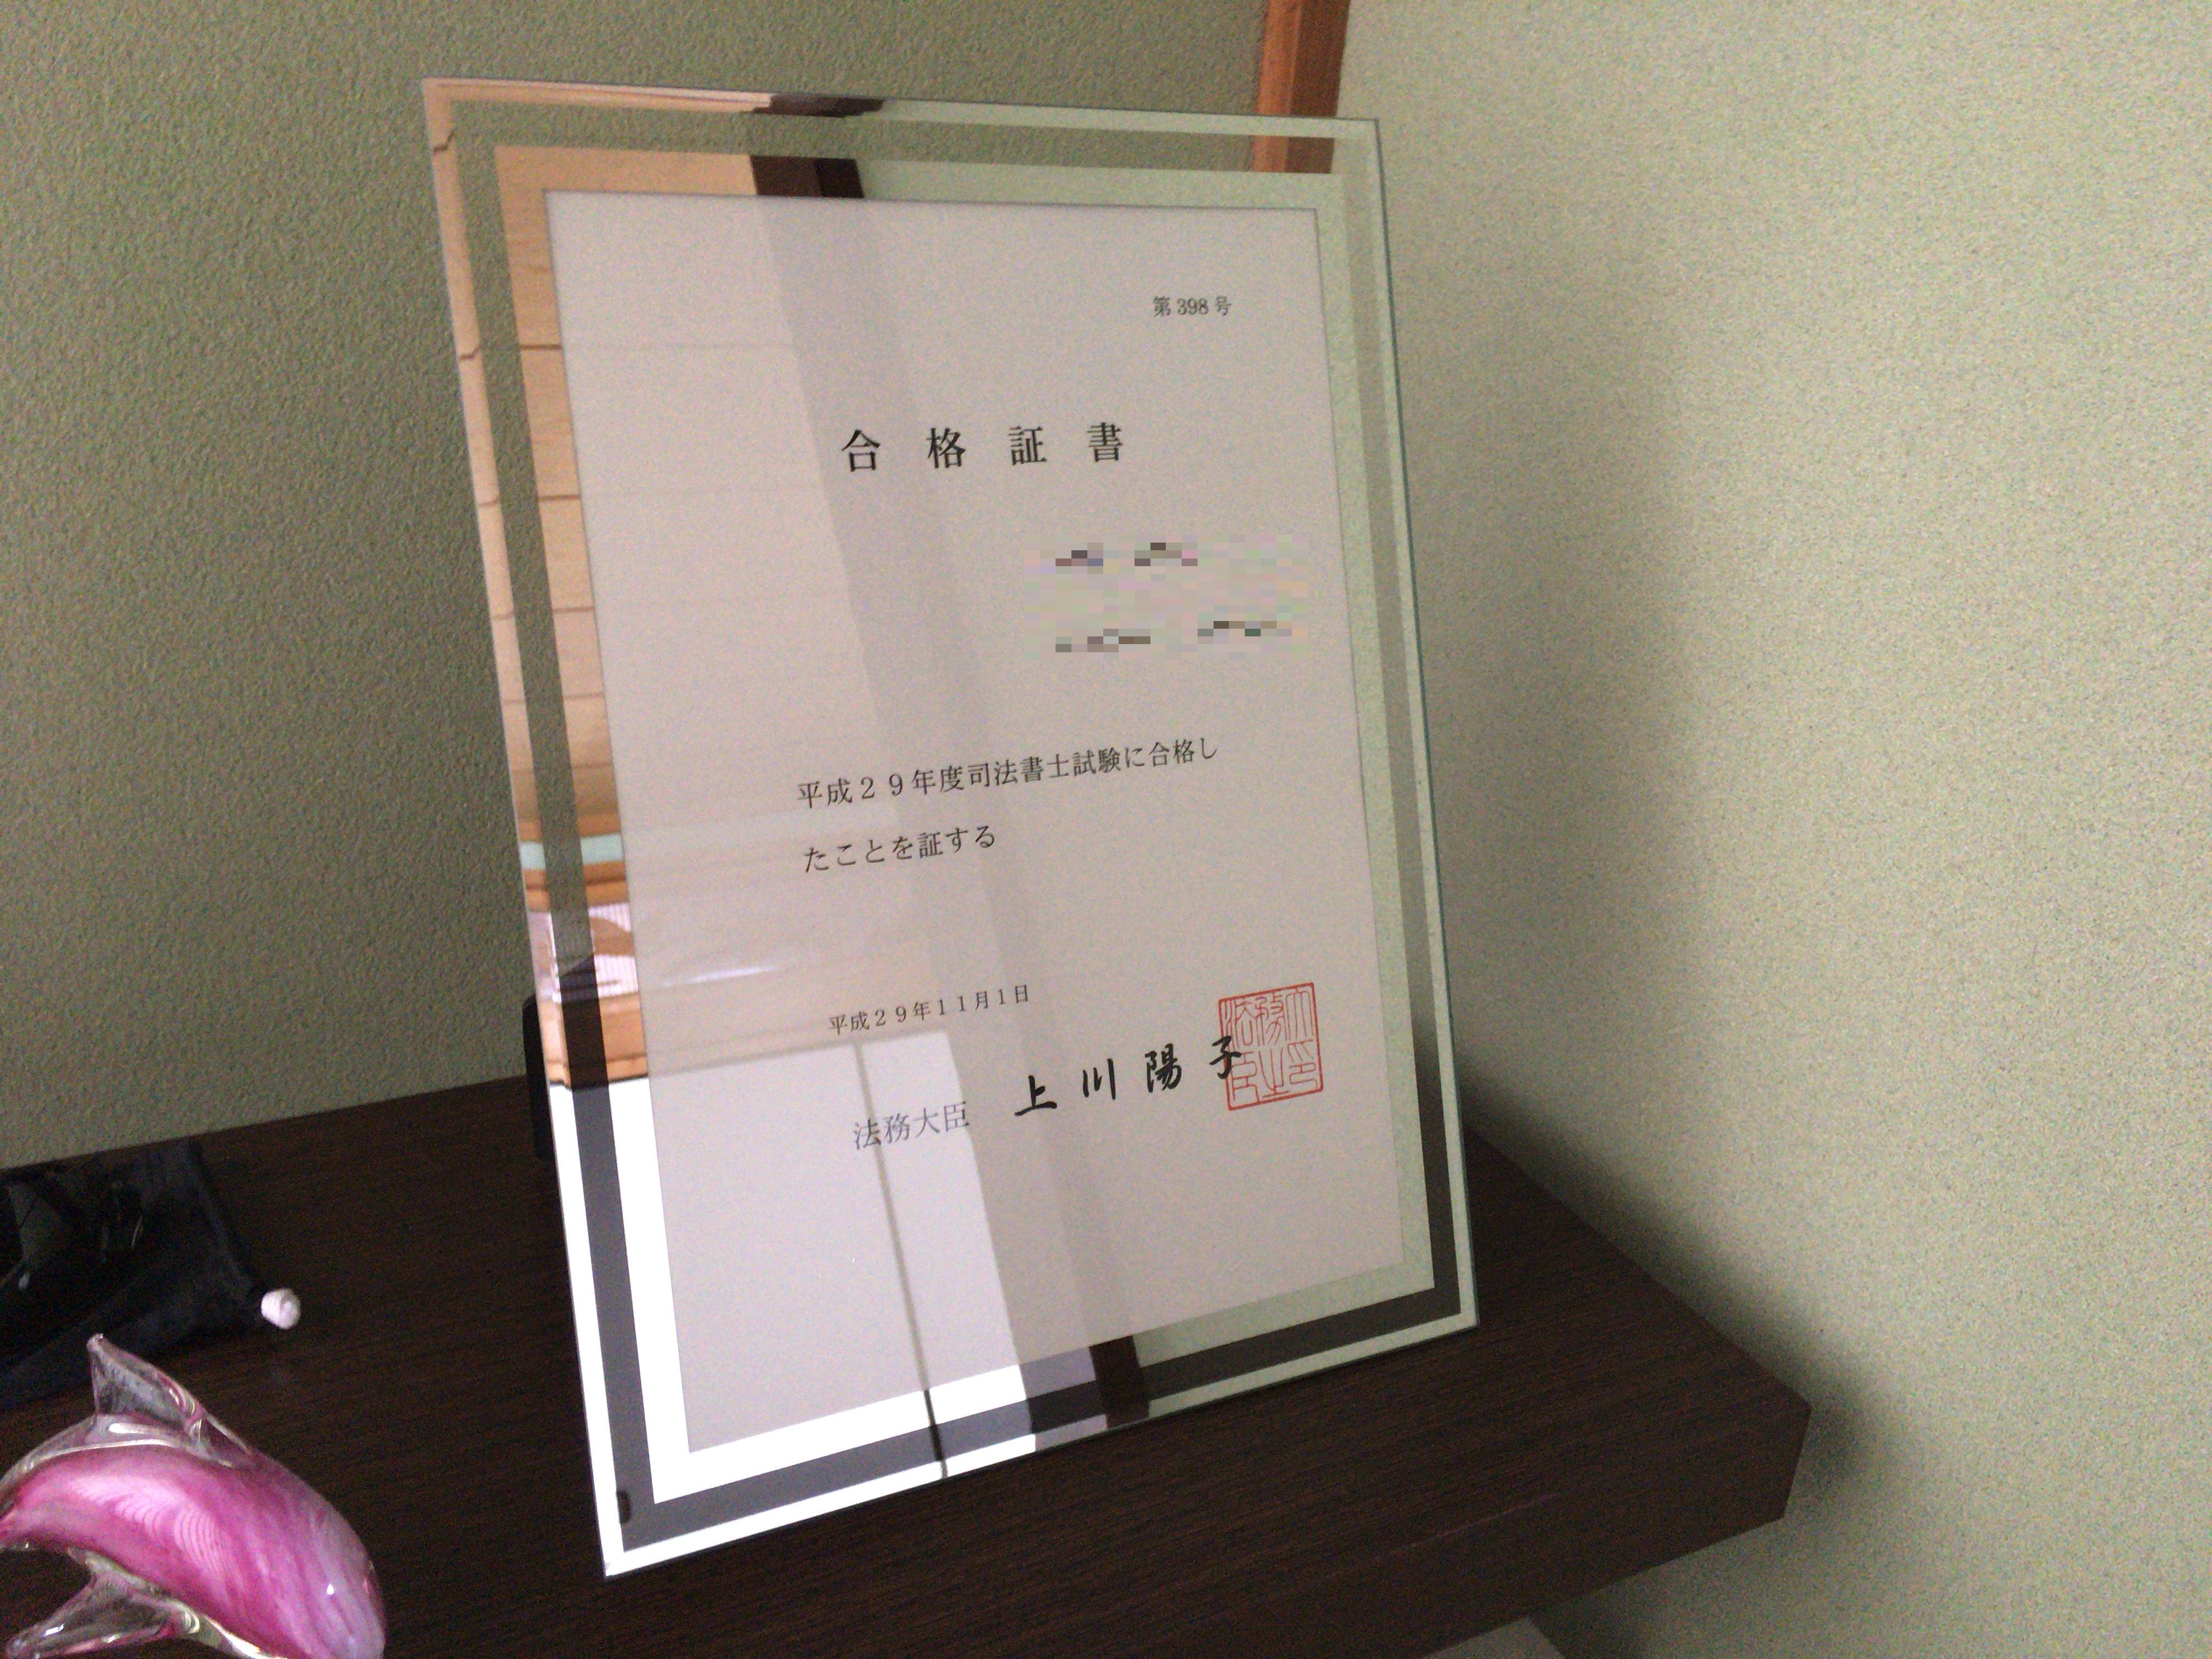 ガラスの額縁に映える司法書士試験の合格証書